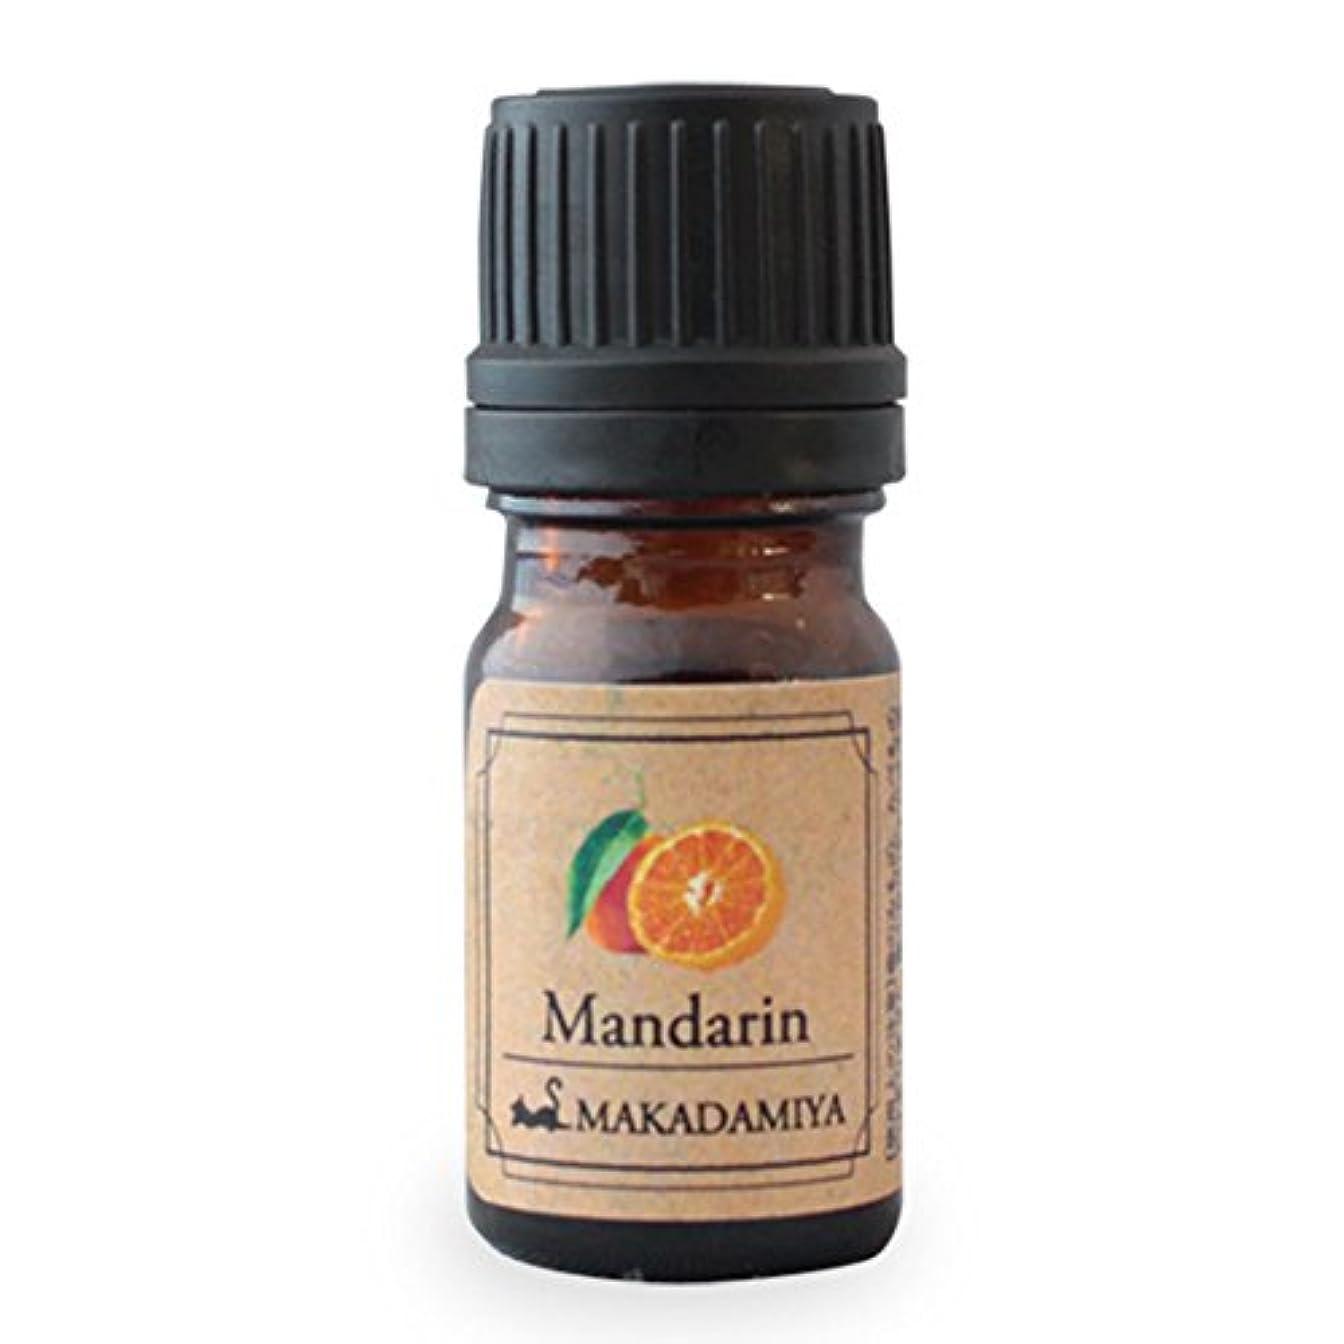 戸惑うソケット浜辺マンダリン5ml 天然100%植物性 エッセンシャルオイル(精油) アロマオイル アロママッサージ aroma Mandarin